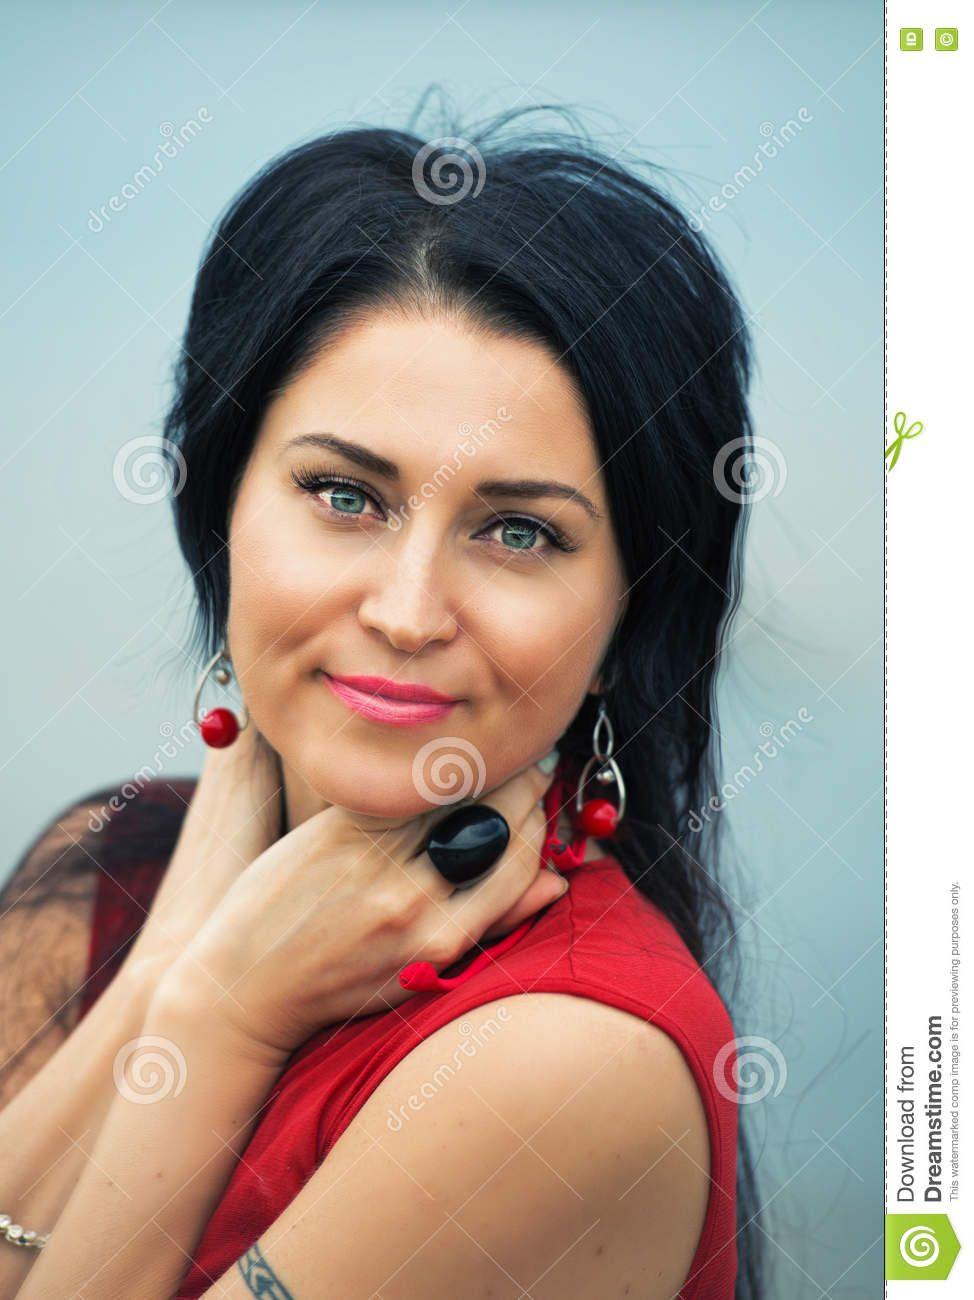 Retrato De Mujeres Morenas Hermosas - Descarga De Over 53 Millones de fotos  de alta calidad e imágenes Vectores% ee%. Inscríbete GRATIS hoy. b2716fe70e28